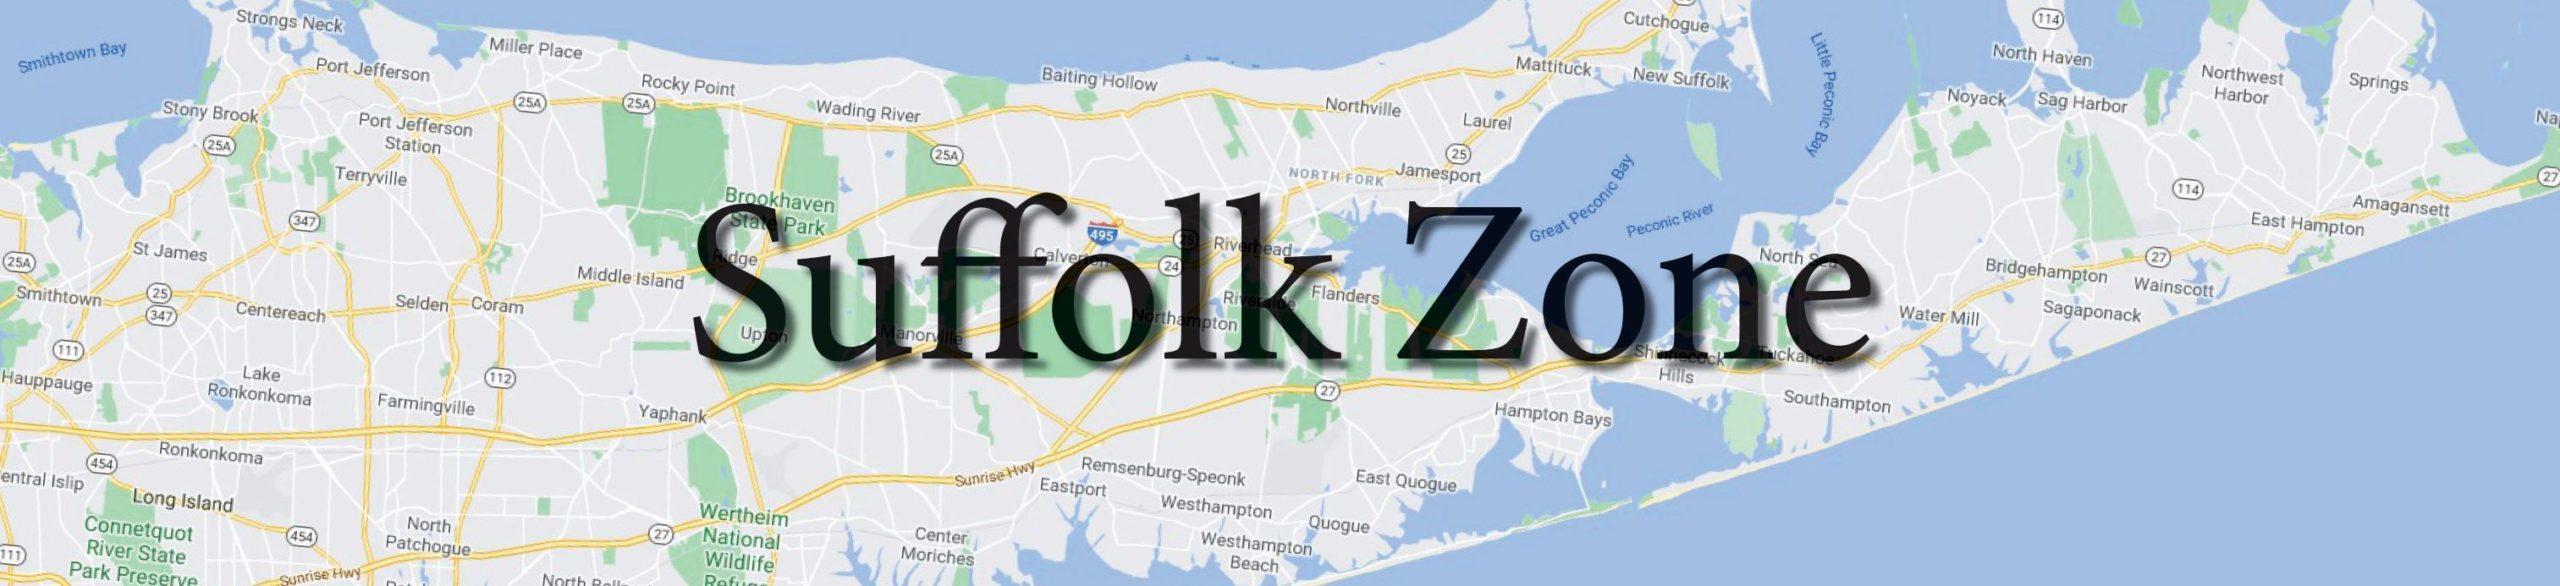 1920x440px Suffolk Zone